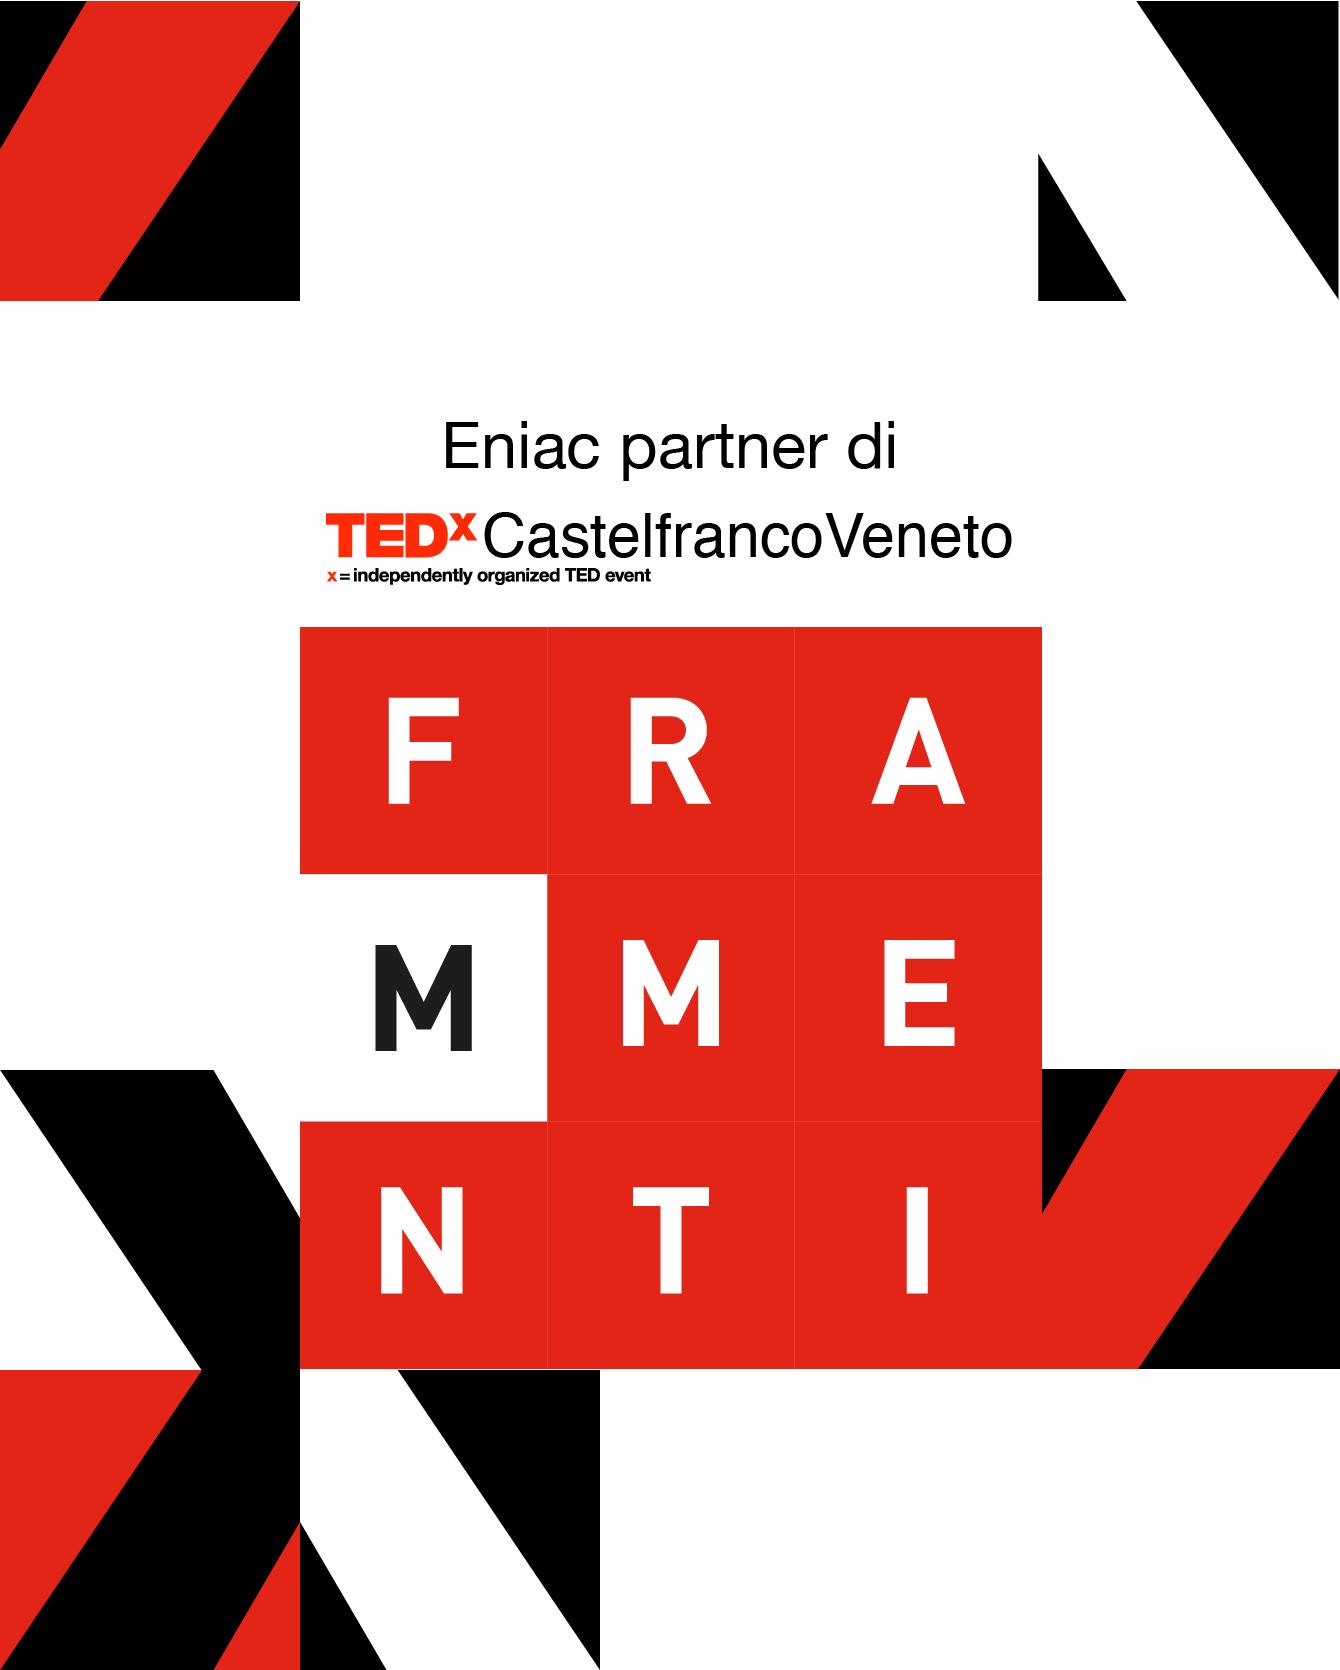 ENIAC e TEDxCastelfrancoVeneto una Partnership di qualità